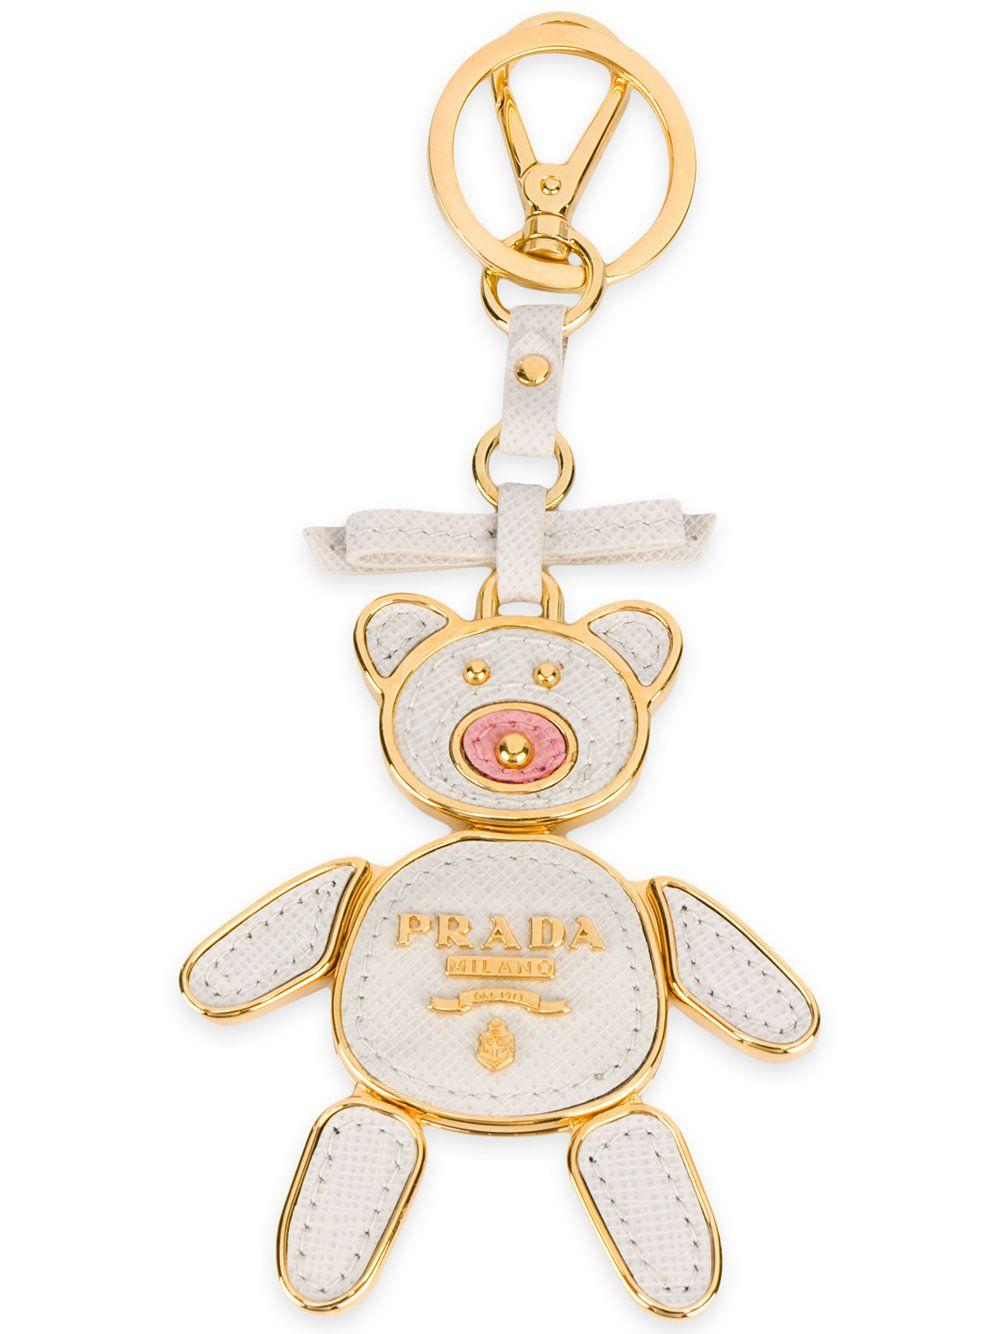 Prada porte-clés nounours à plaque logo   Prada, Miu Miu, Vivetta ... 36708debb53